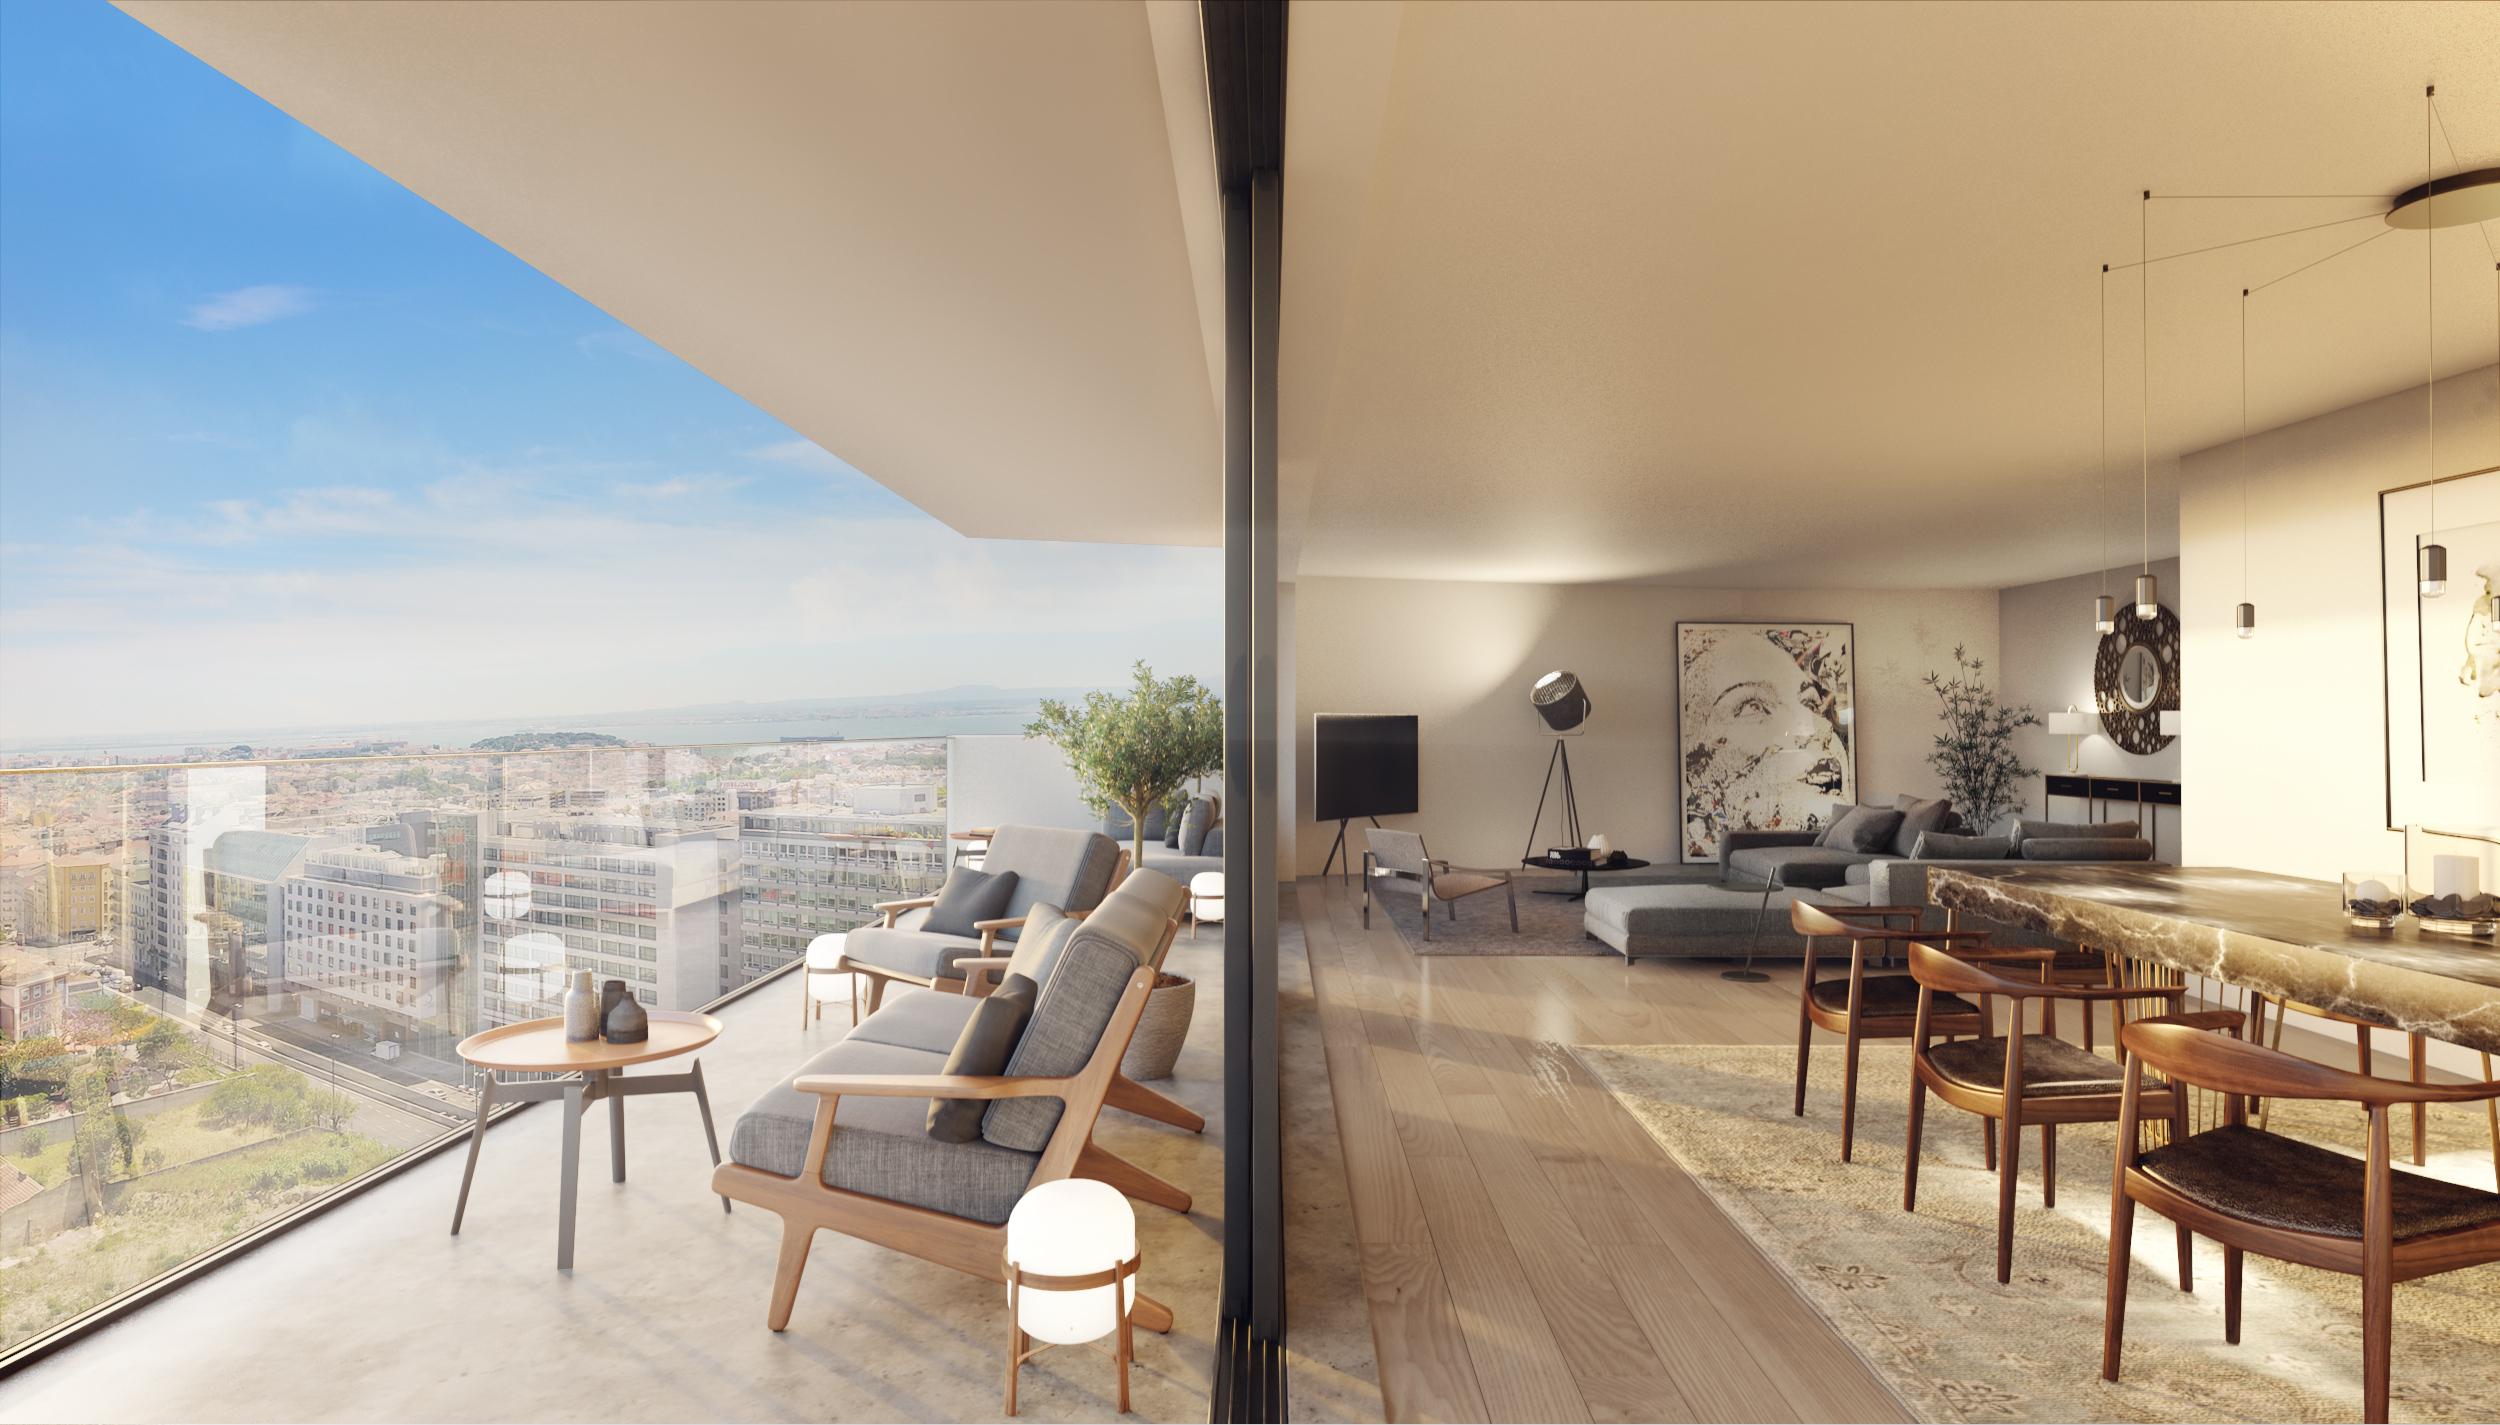 Terá grandes varandas com vistas de perder o fôlego sobre Lisboa / Vanguard Properties